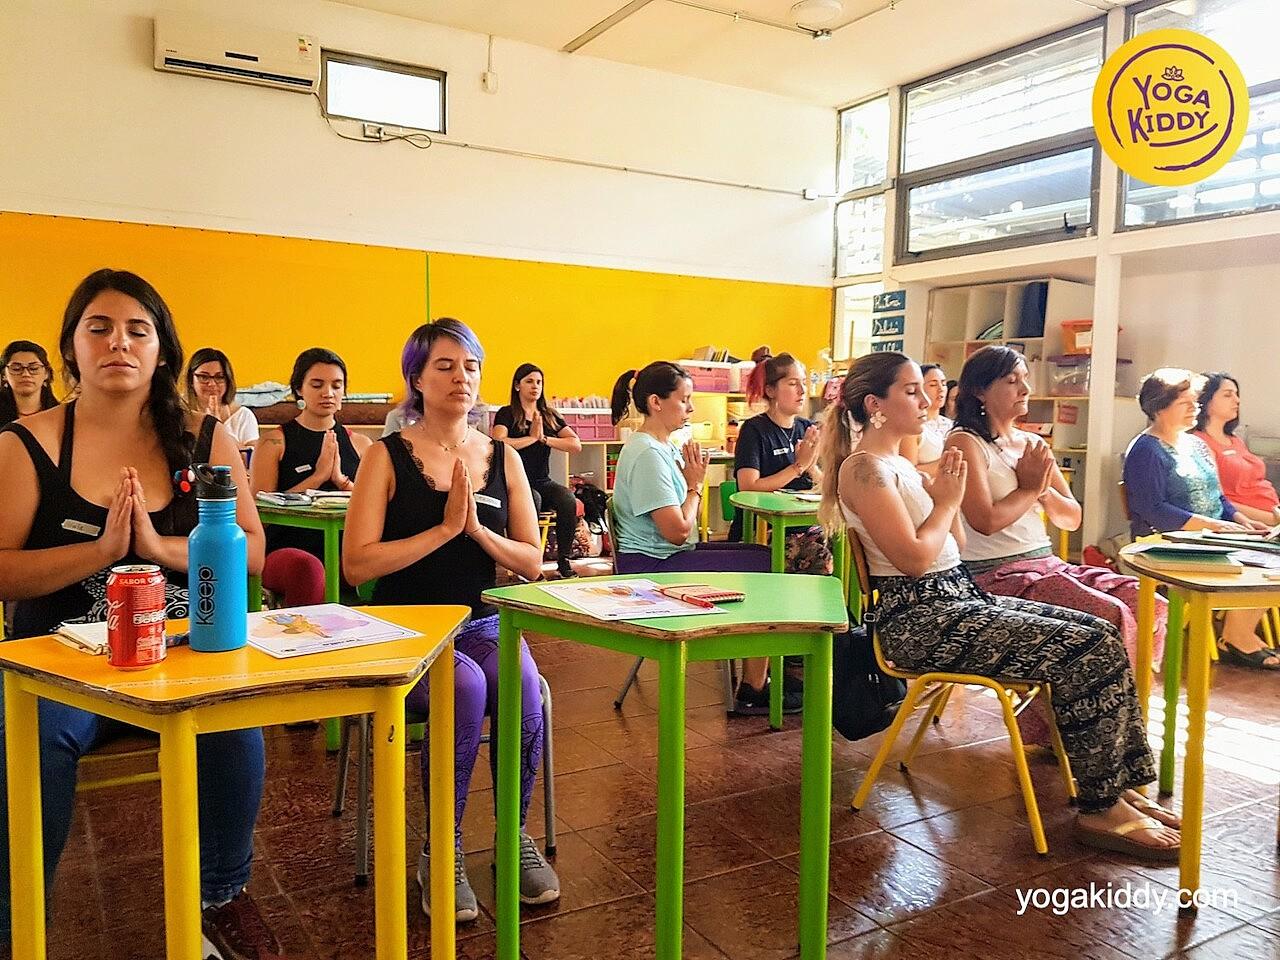 yoga en el aula sala de clase yogakiddy 0016